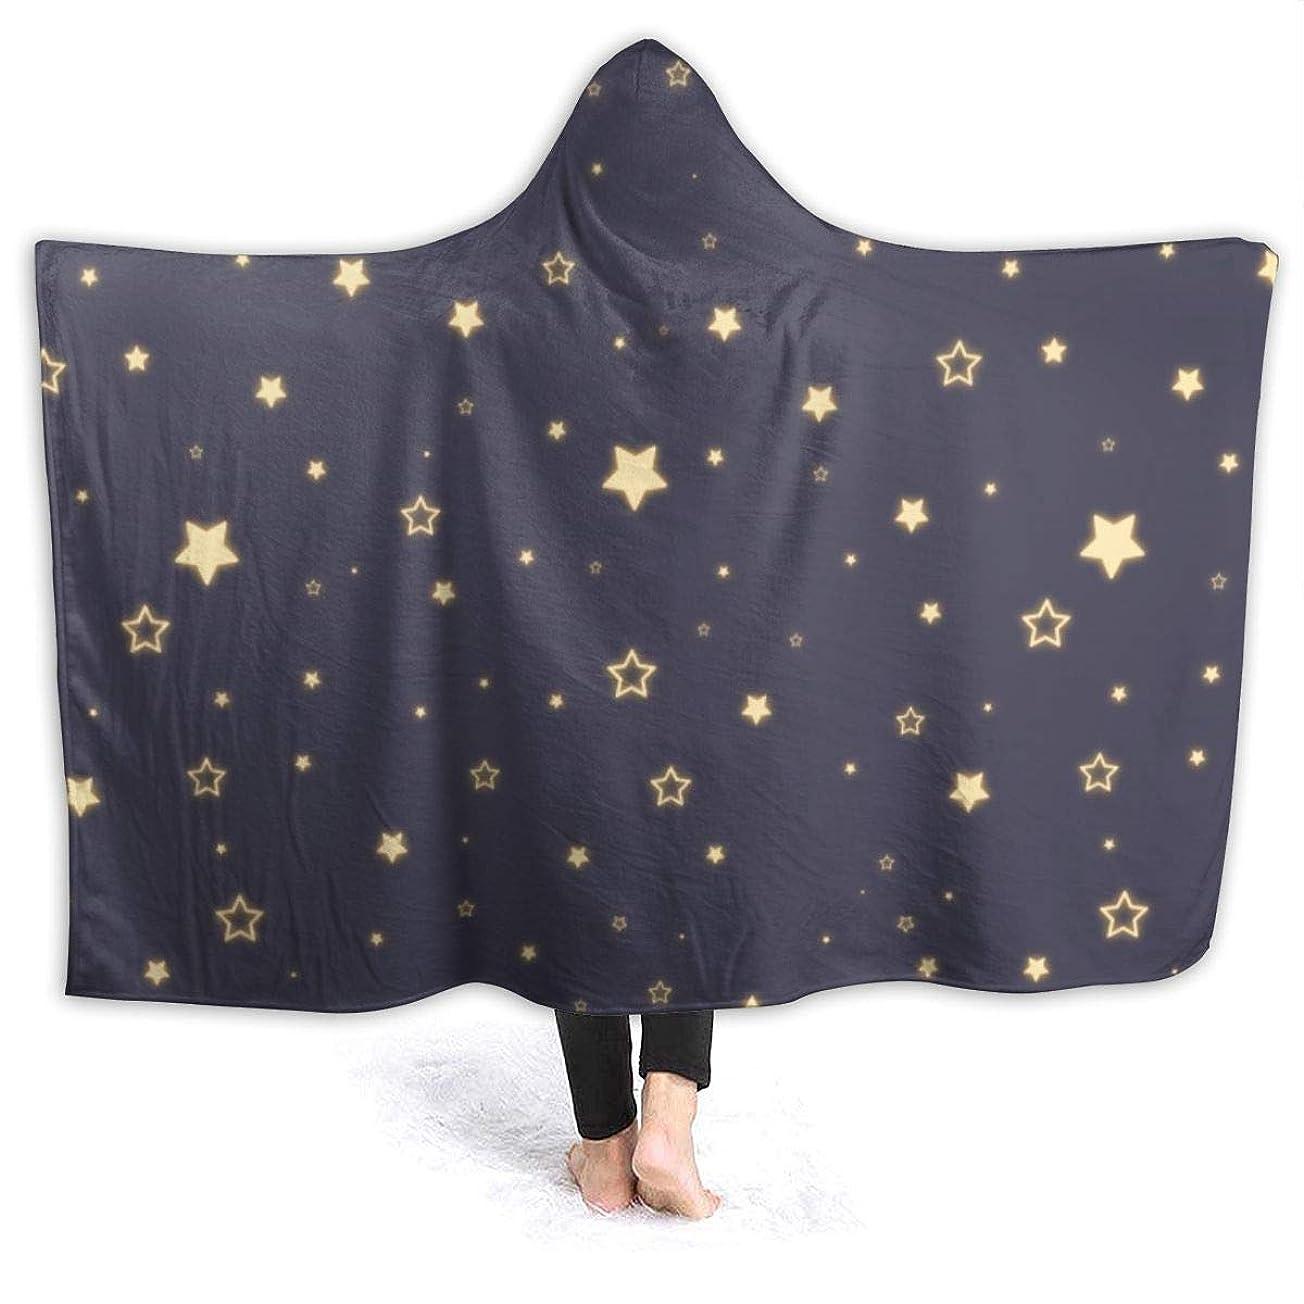 また明日ね液化する年齢Bydeclan 毛布 着る毛布 ブランケット ルームウェア スター 大判 ひざ掛け 肩掛け 着るブランケット フード付き マイクロファイバー あったか 柔らかい 防寒 軽量 丸洗い